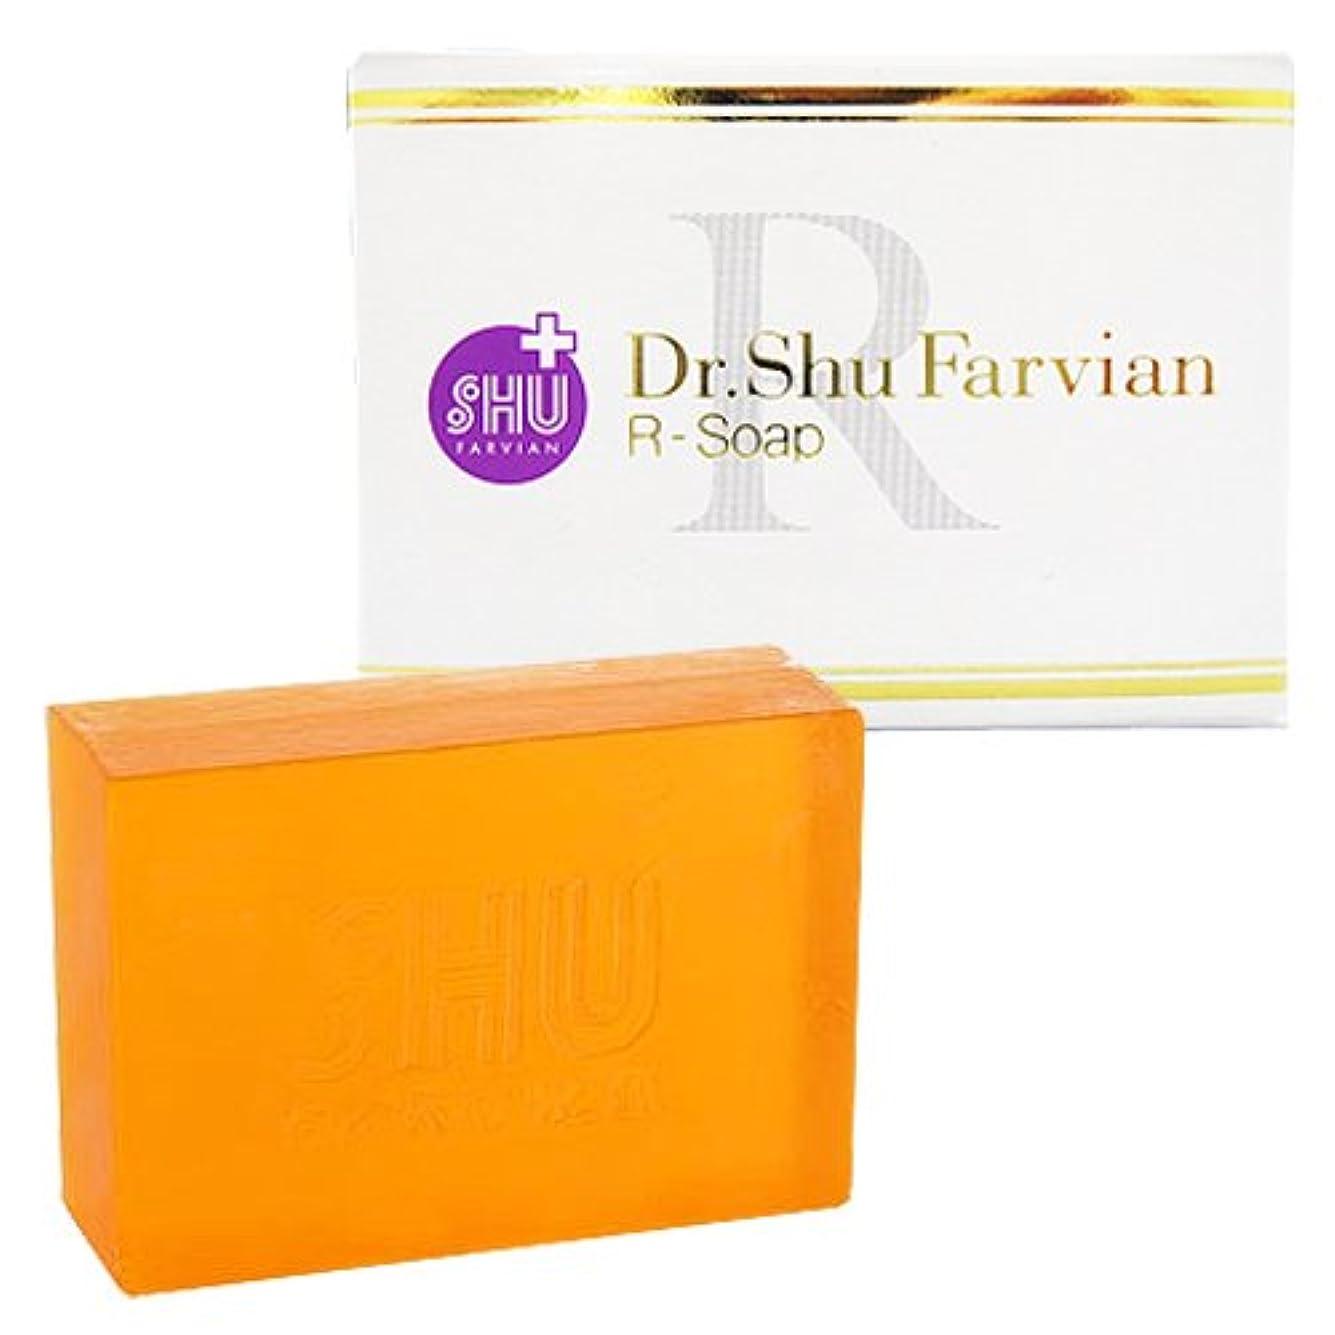 コミュニケーション略すドクターシュウファビアン(Dr.Shu Farvian) 【シュウファビアン】Rソープ 100g